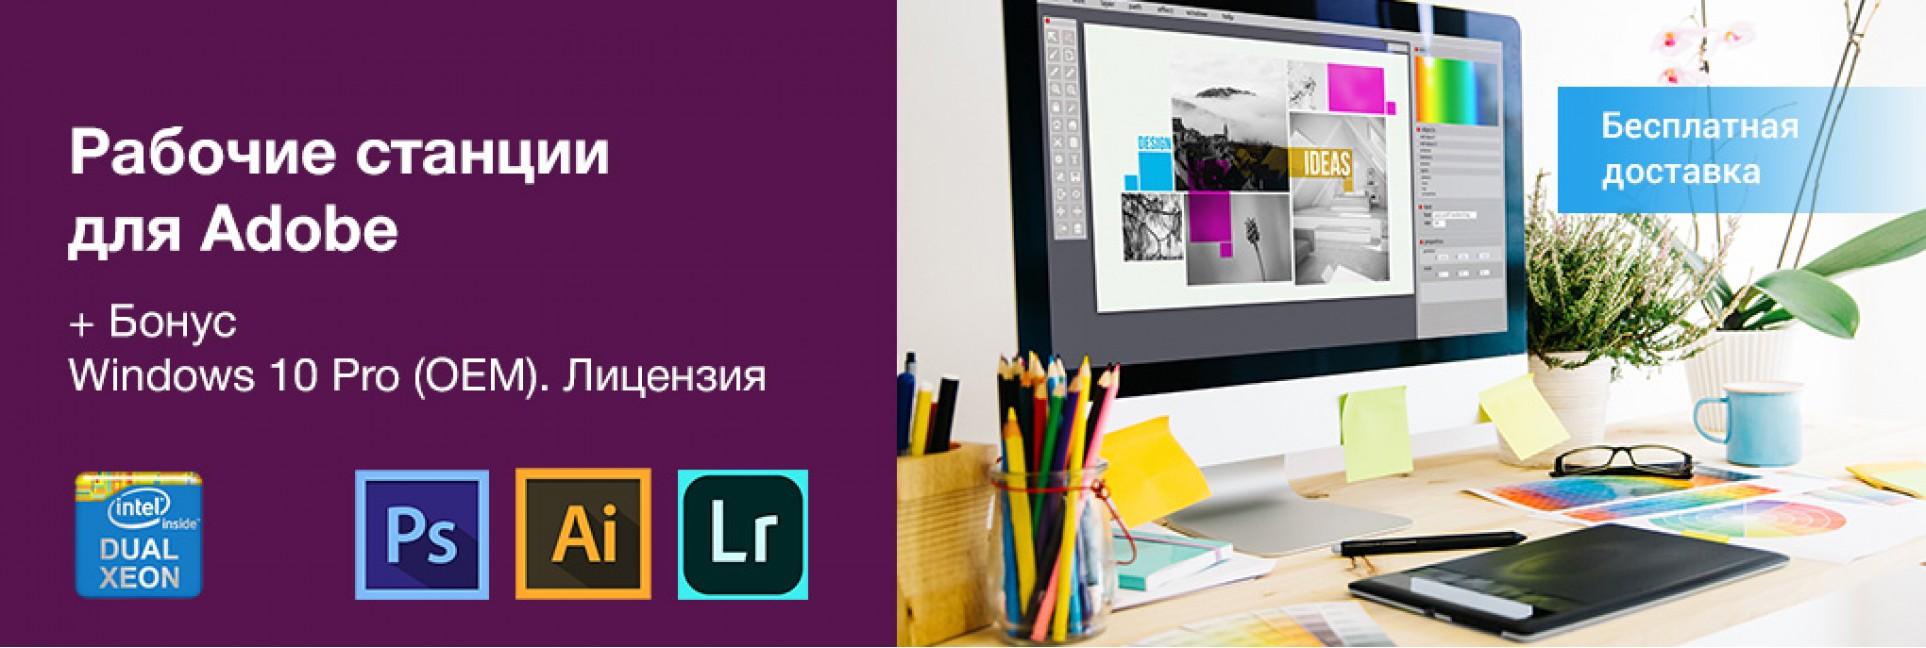 Рабочие станции для Adobe